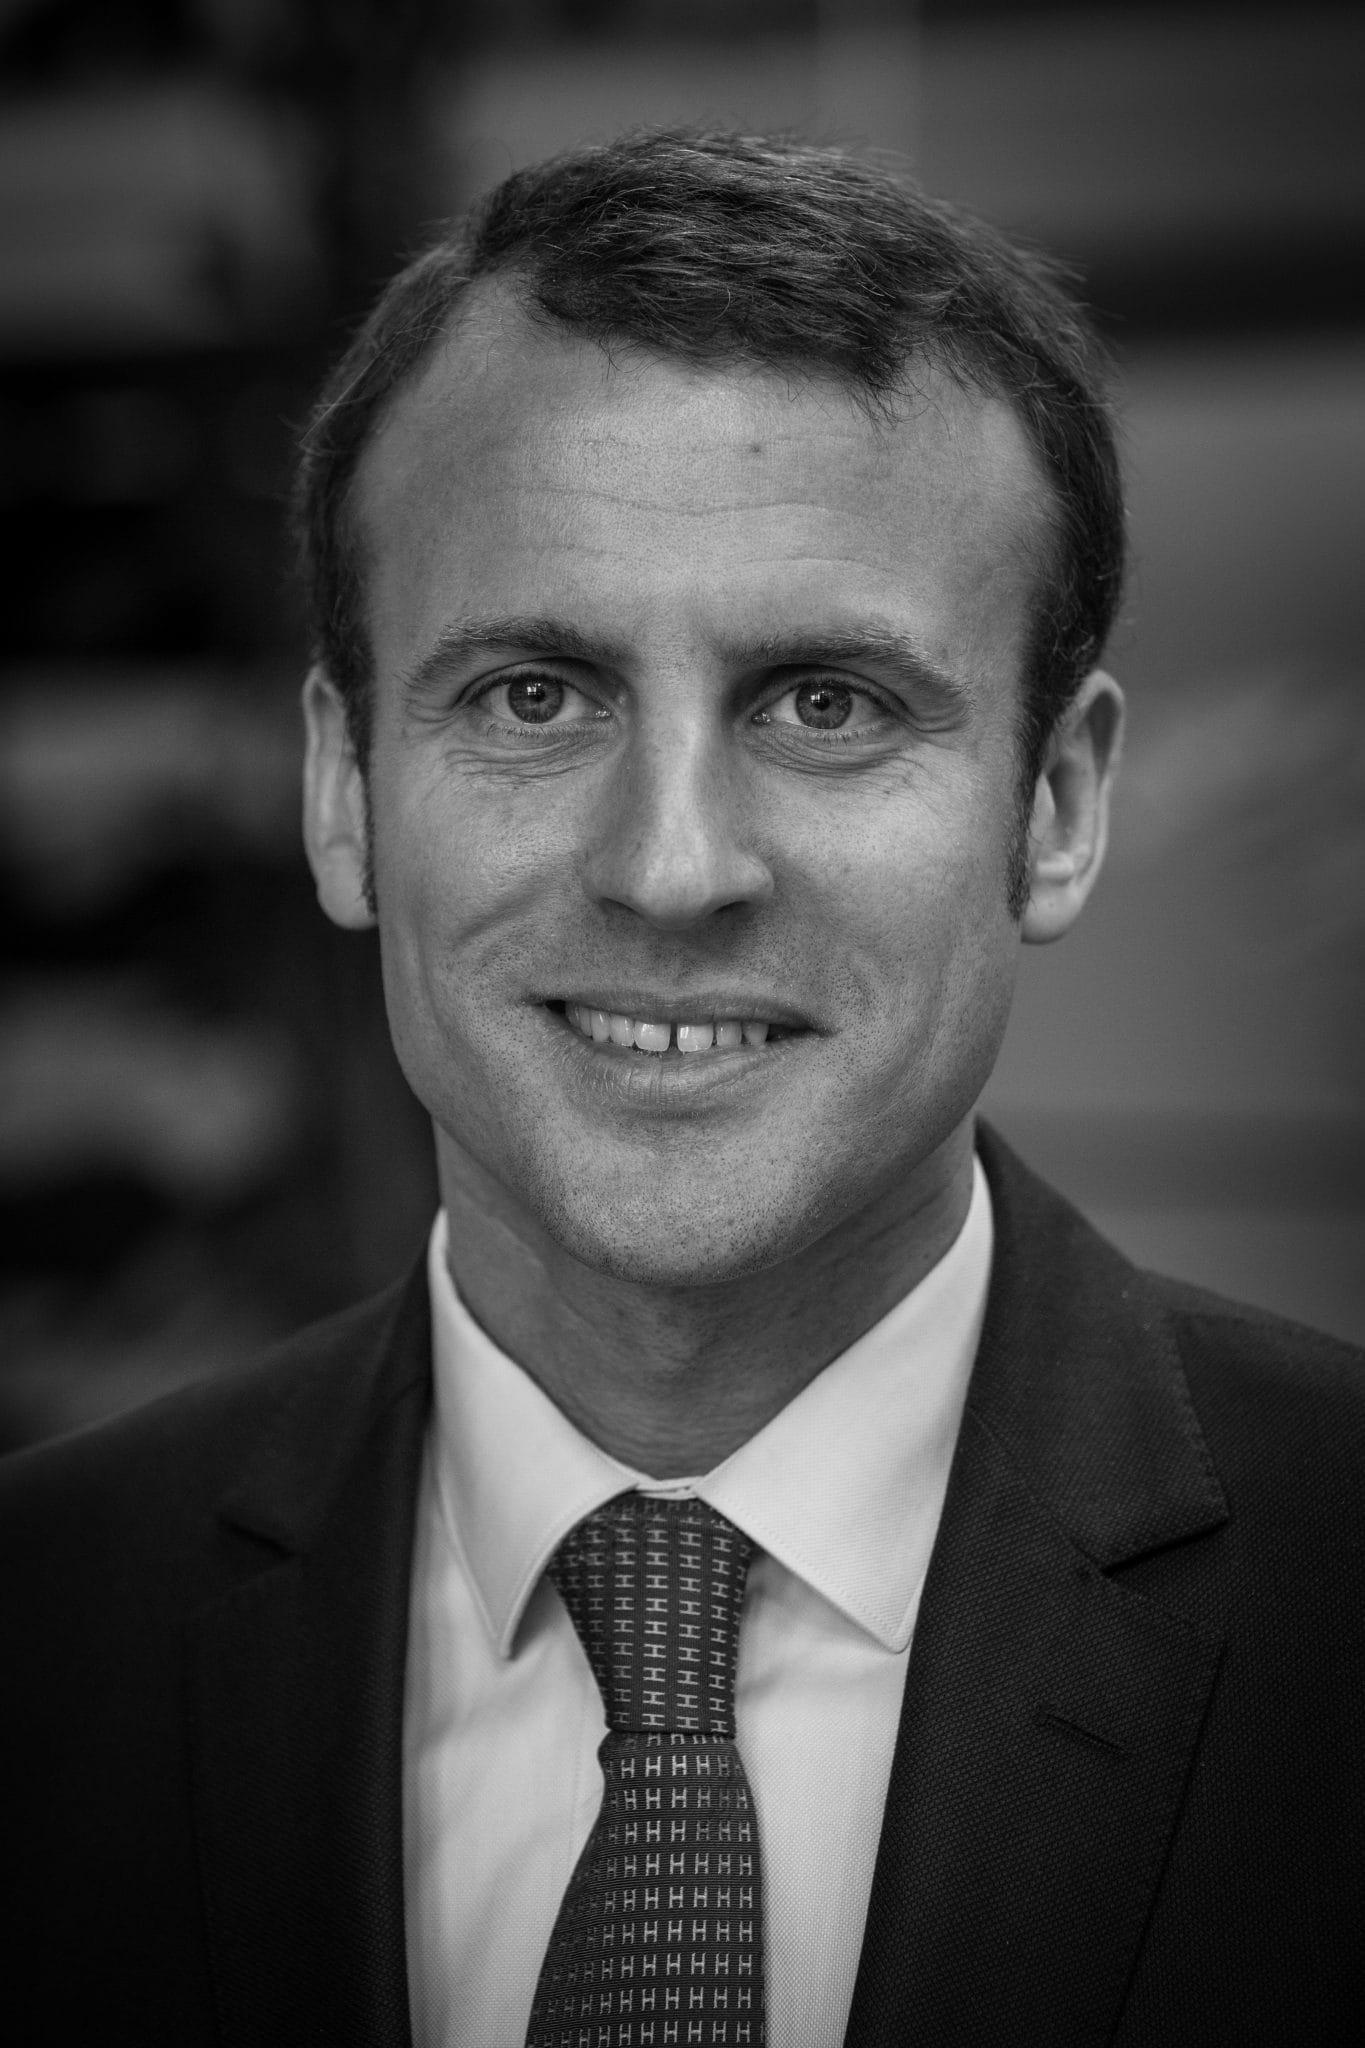 Macron peut-il sauver la France ? (Conversation FLE A2 et +)